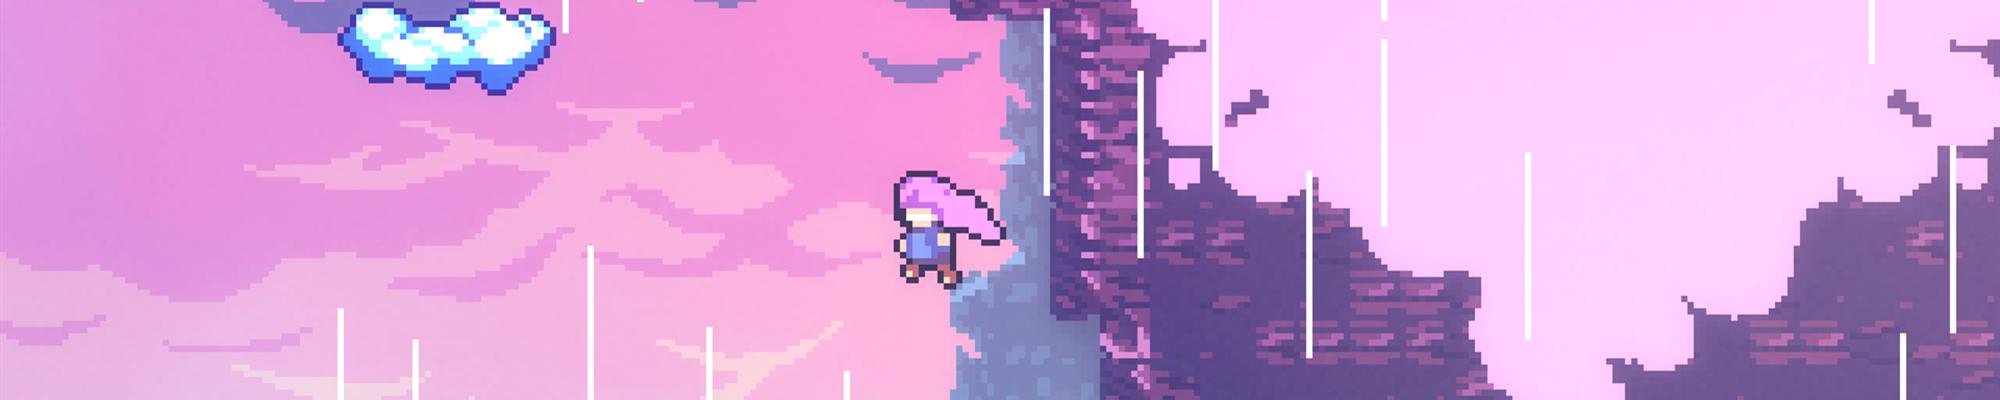 《蔚蓝:Celeste》:每个人心中都有一座山,但并非每个人都能登上山顶